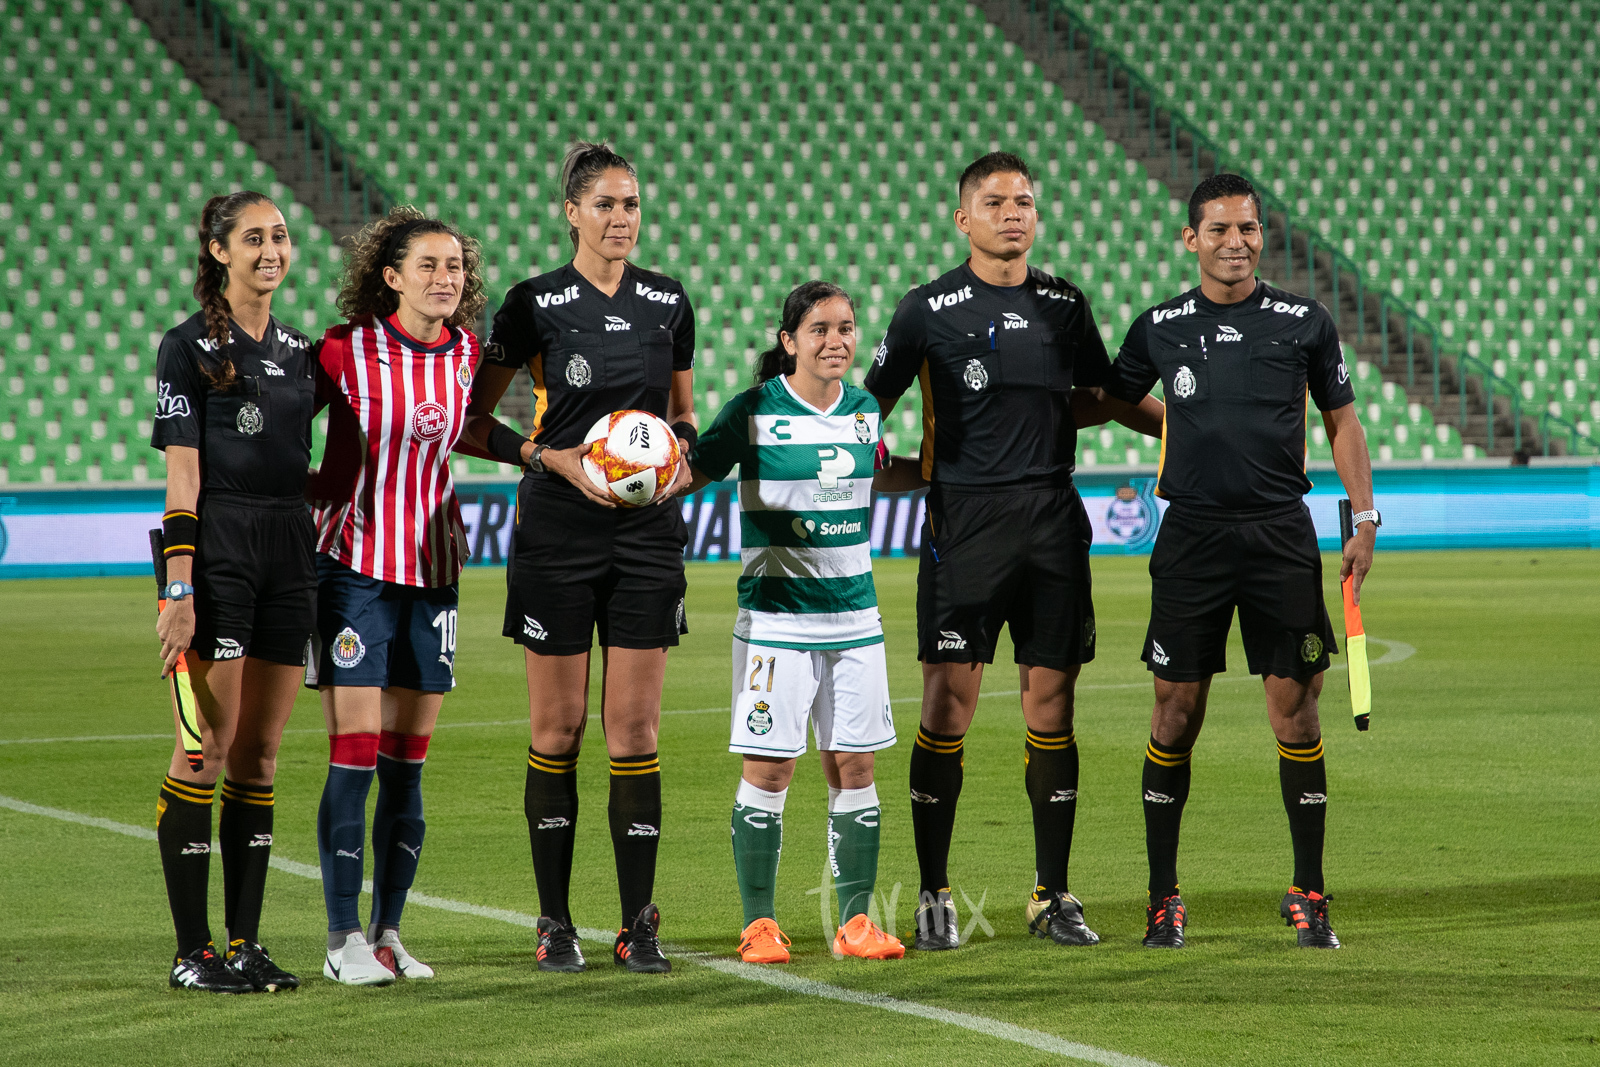 Tania Morales 10, Grecia Ruiz 21